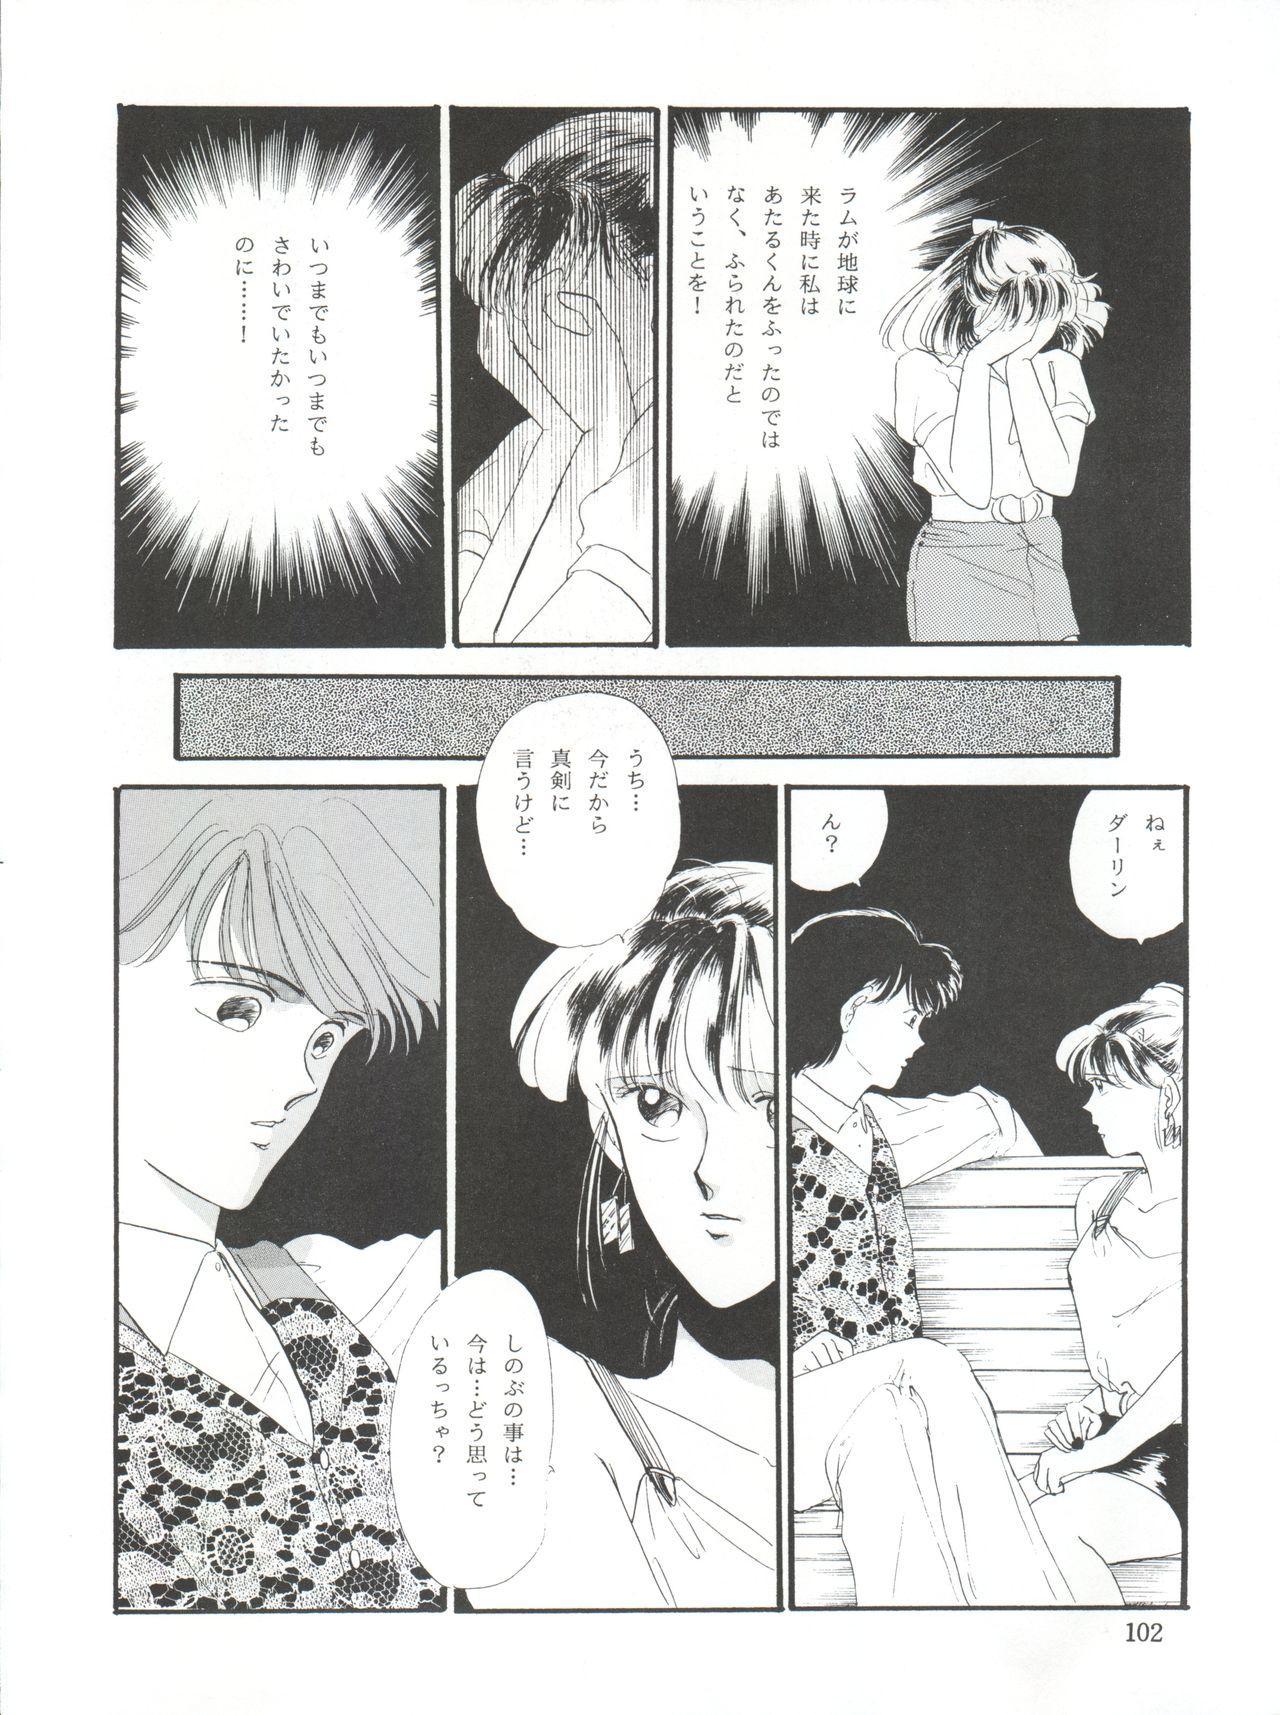 NANIWA-YA FINAL DRESS UP! 101